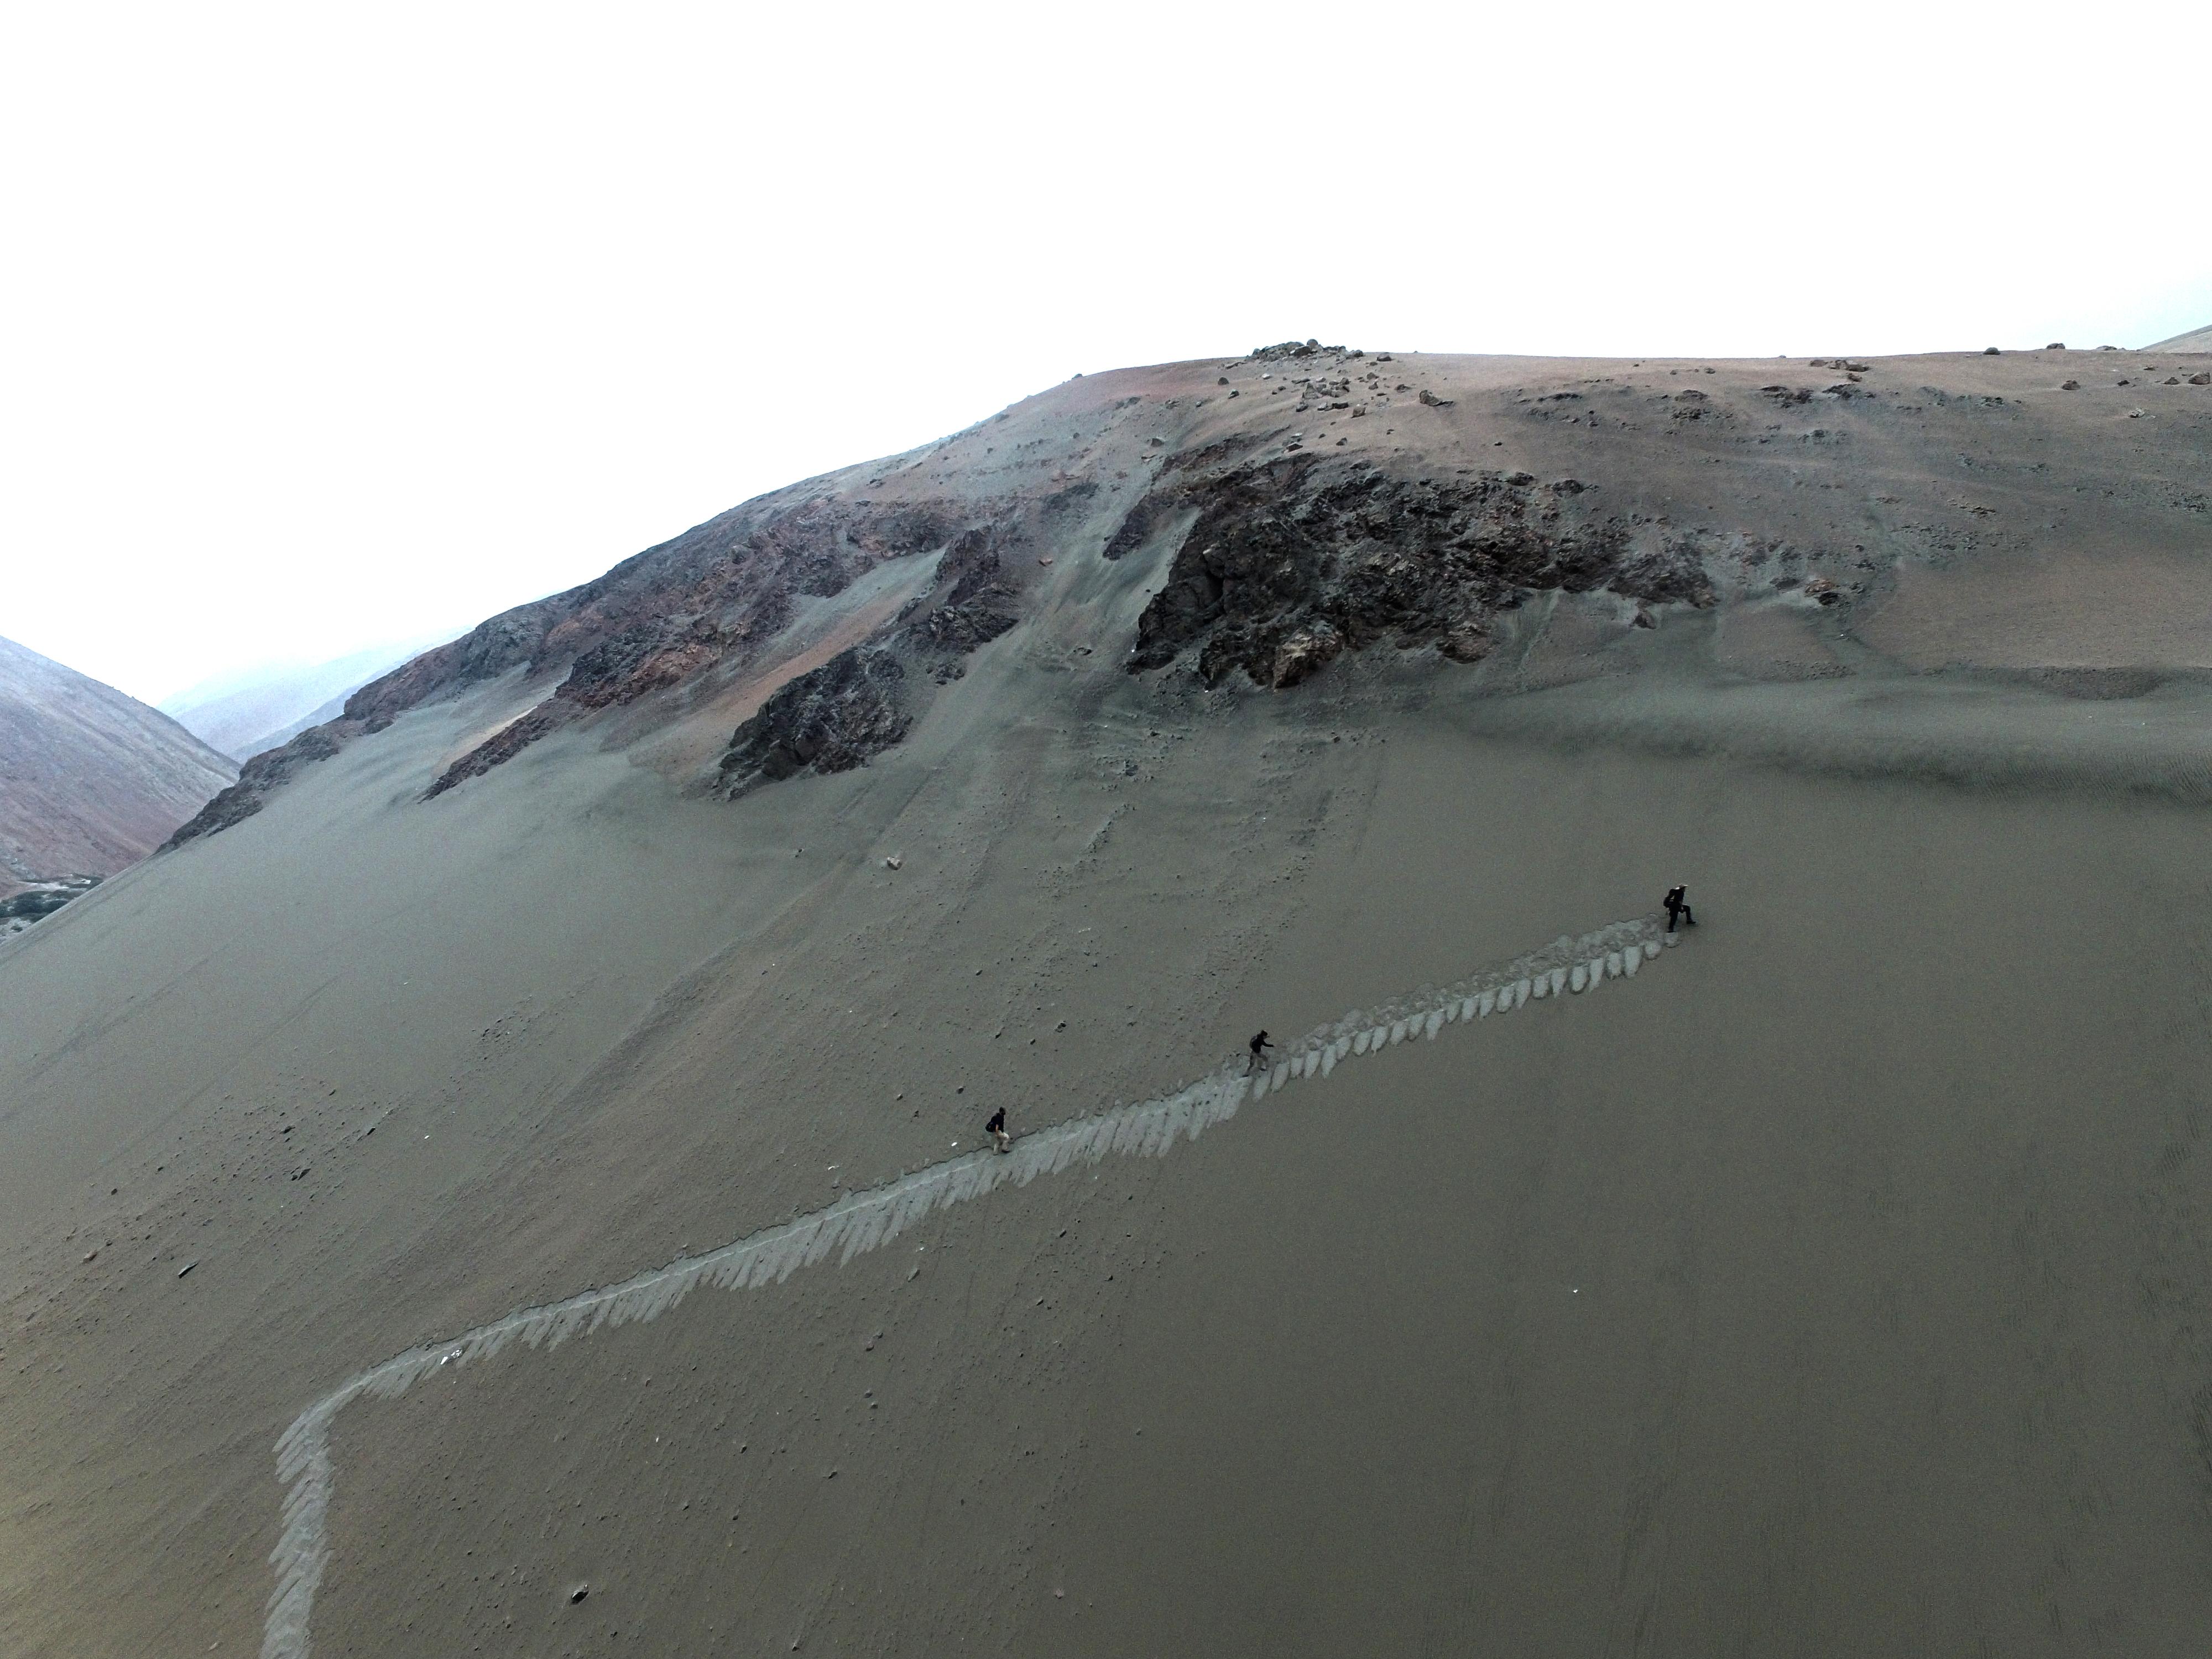 The Climb to QJ-1